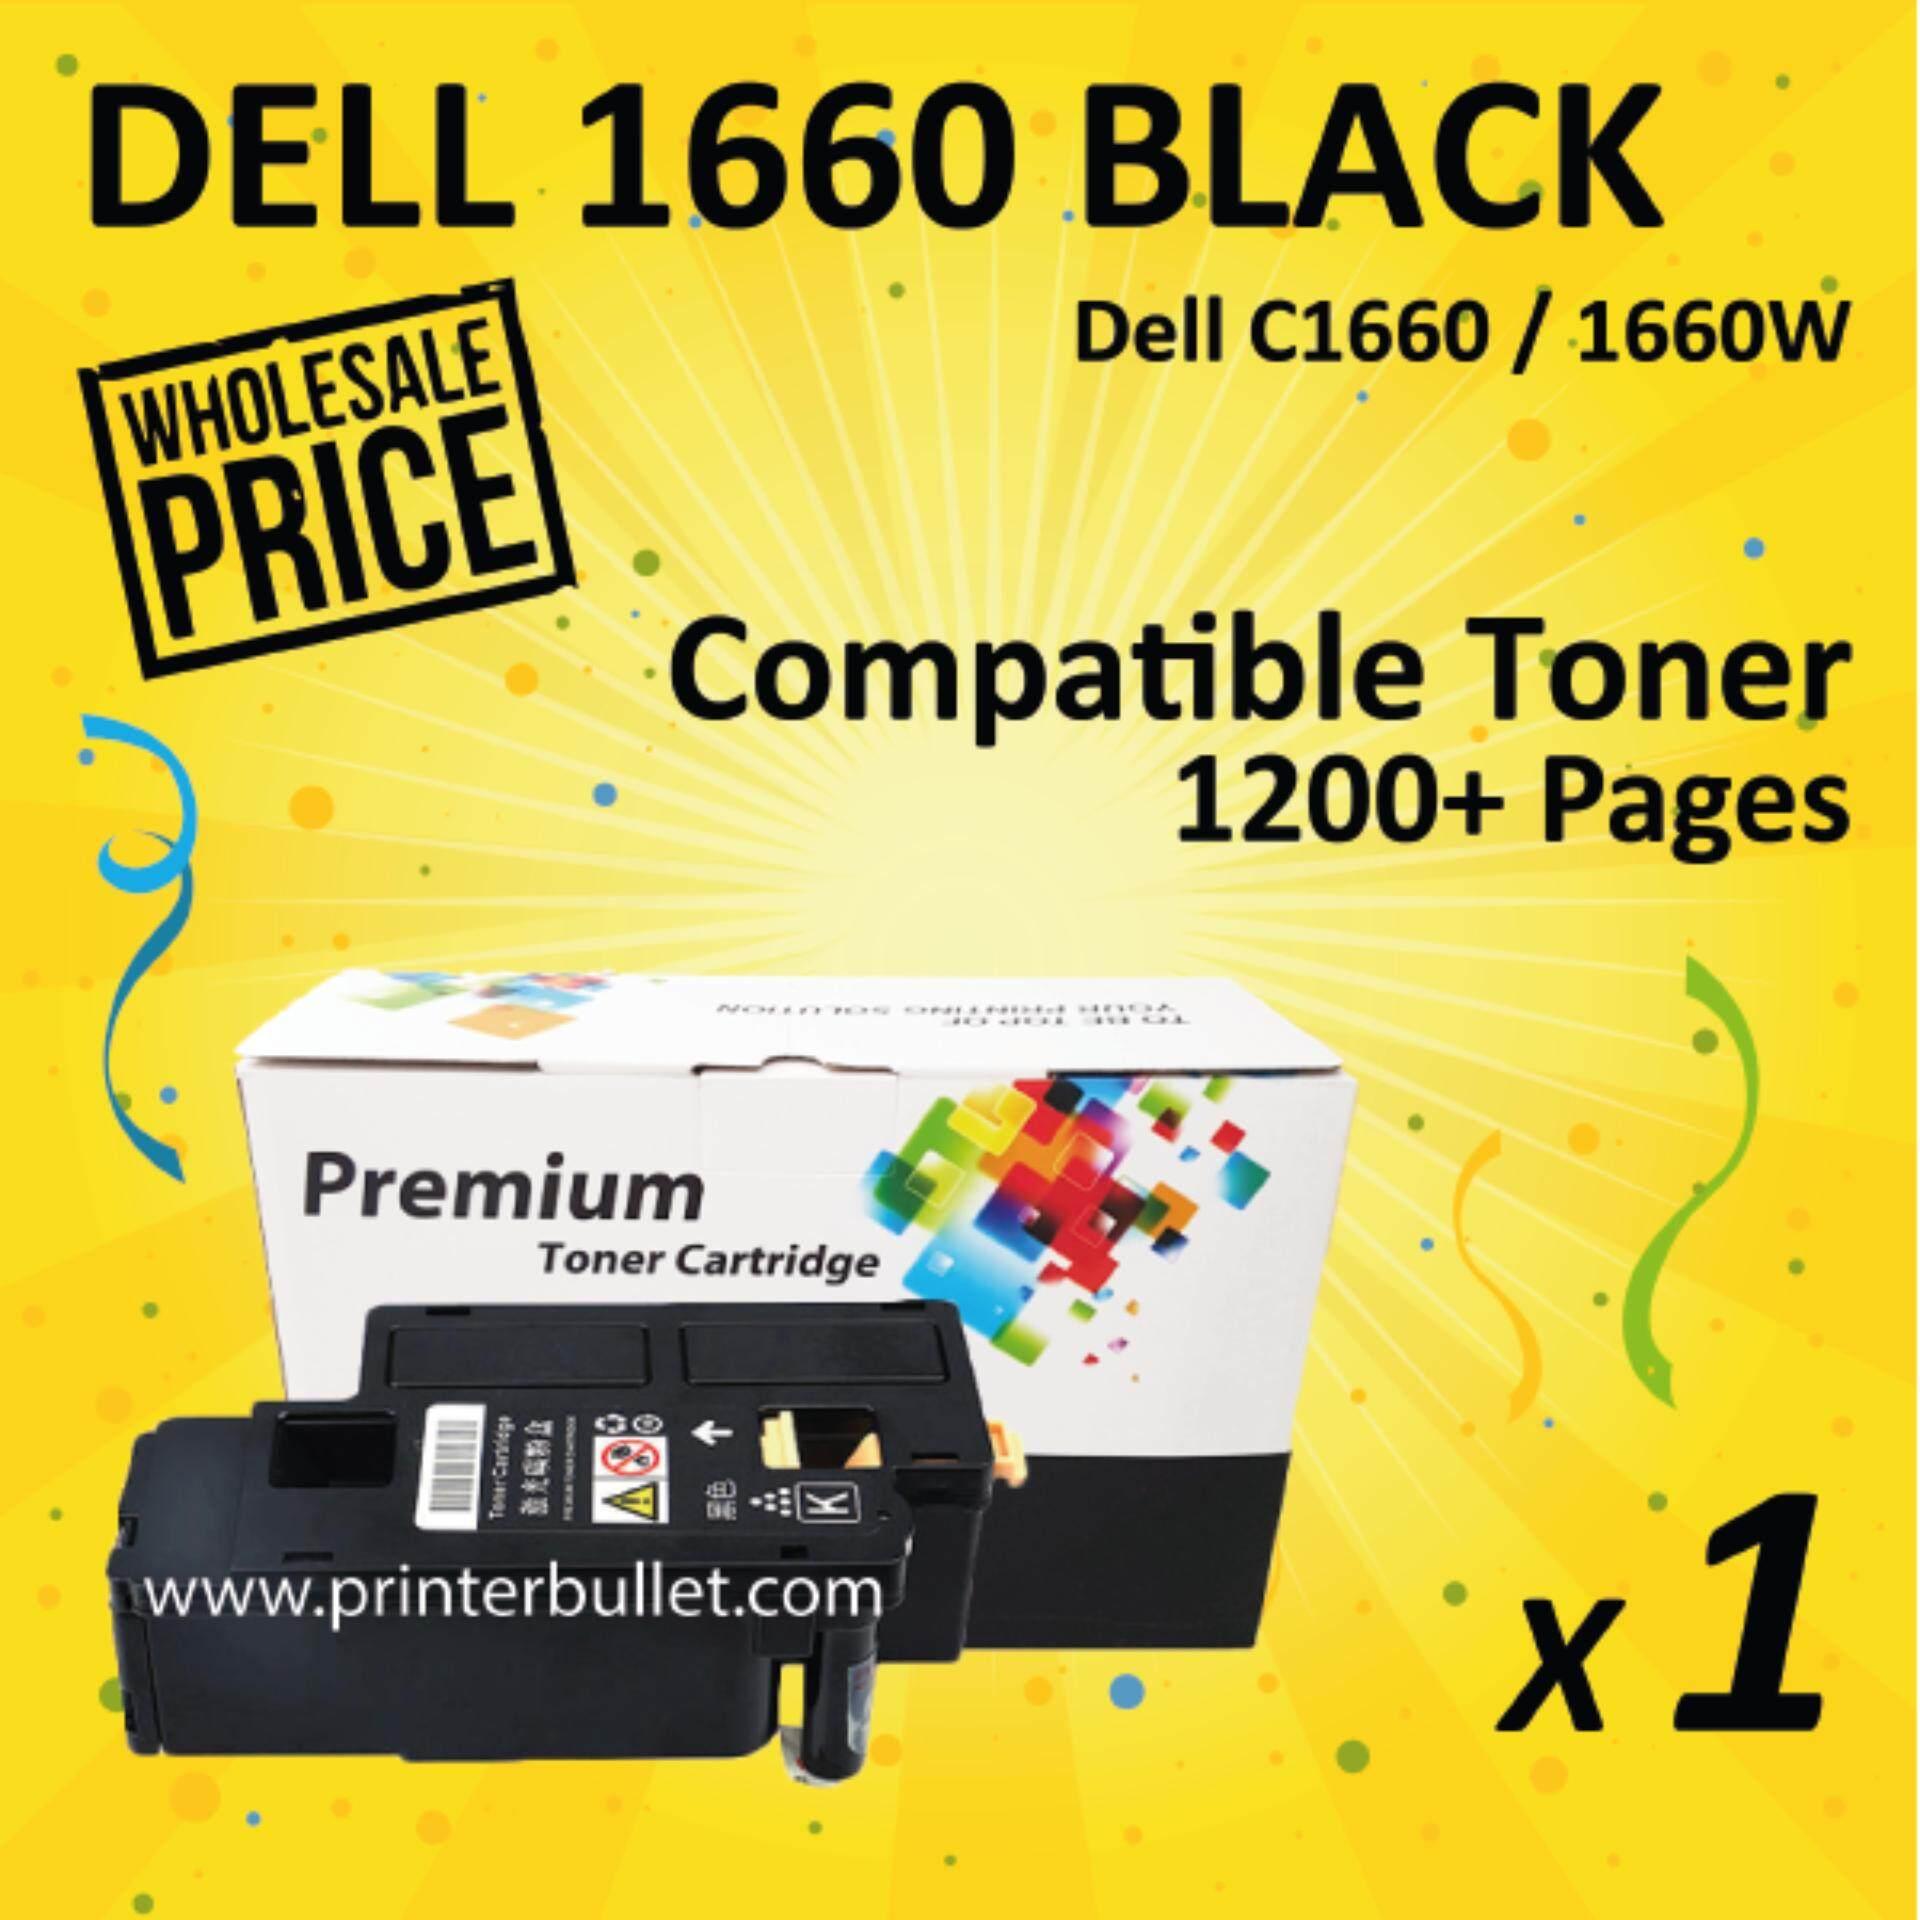 DELL C1660w / C1660 Black Compatible Toner Colour Cartridge